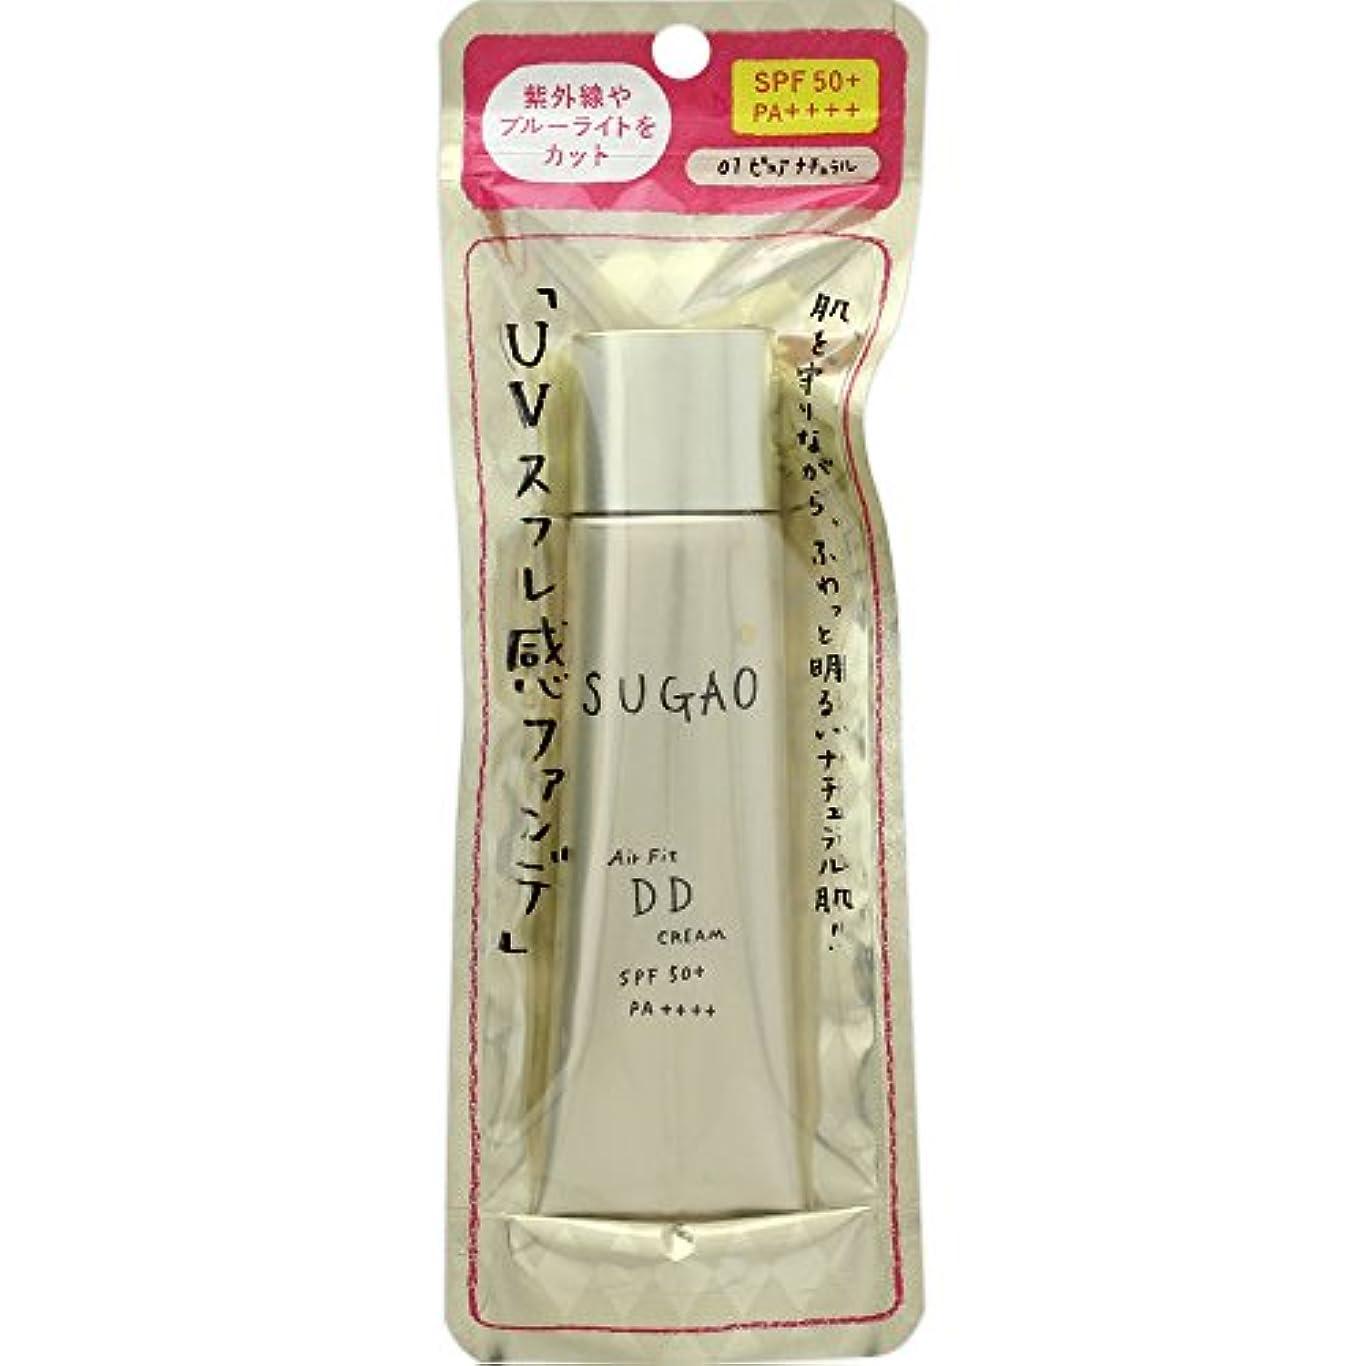 ライトニングトレイシールスガオ (SUGAO) エアーフィット DDクリーム ピュアナチュラル SPF50+ PA++++ 25g